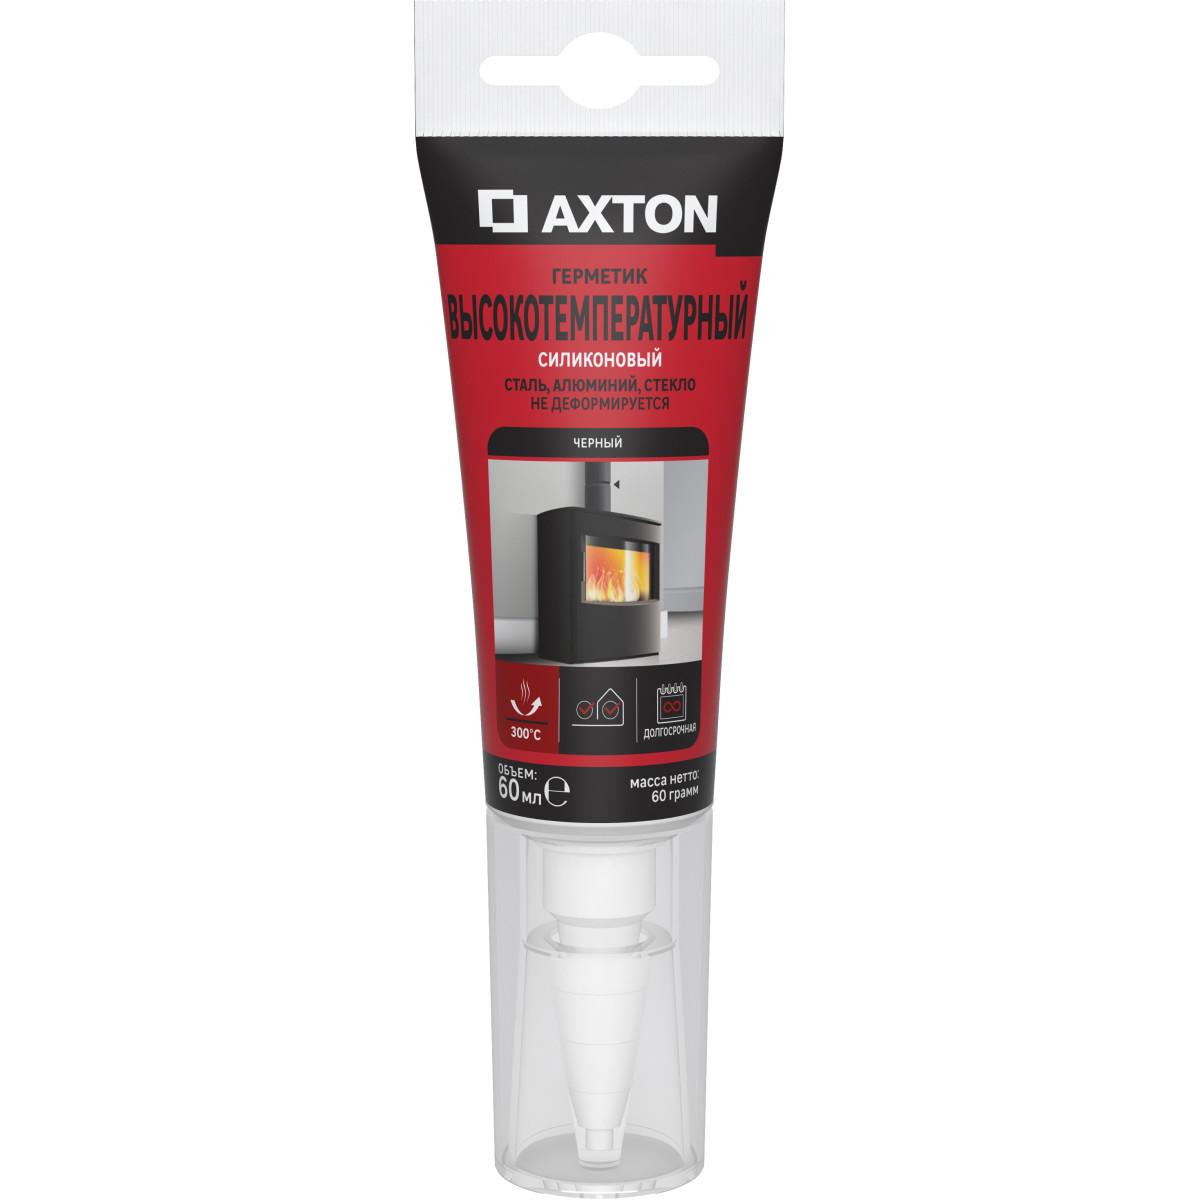 Герметик высокотемпературный Axton до 300°C цвет черный 60 мл